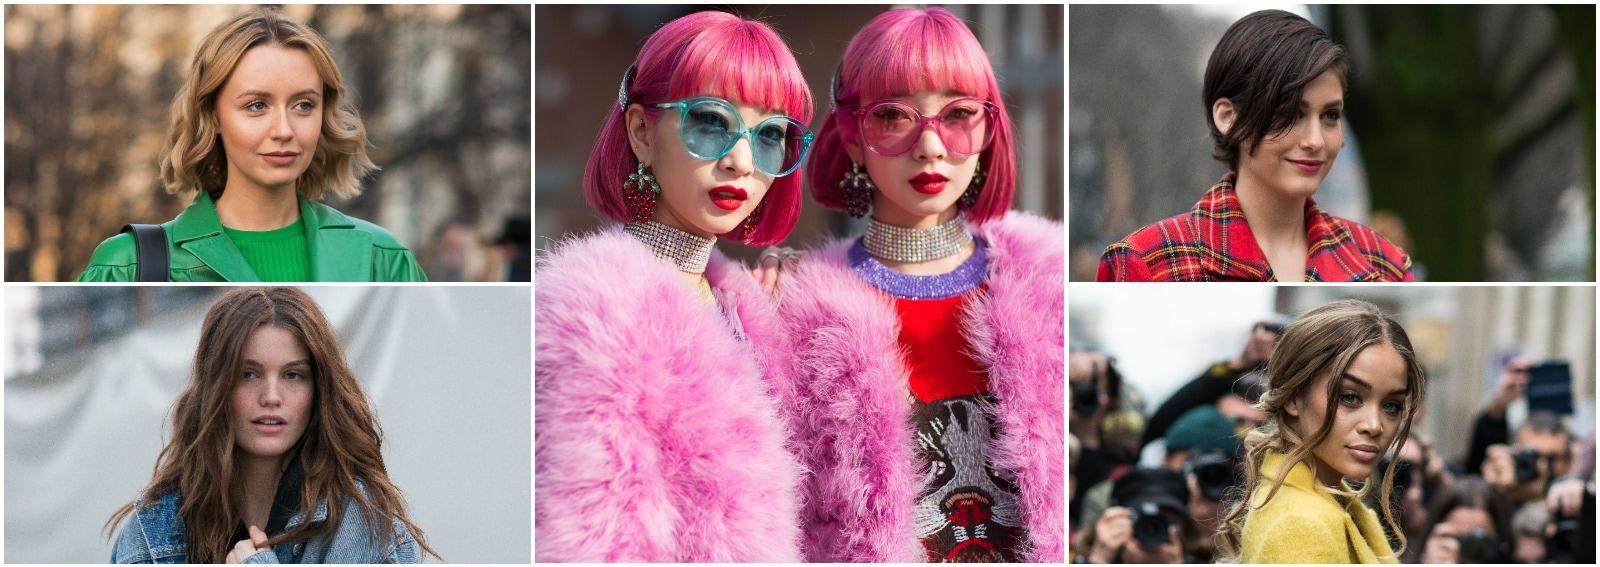 tagli capelli acconciature milano fashion week 2018 cover desktop